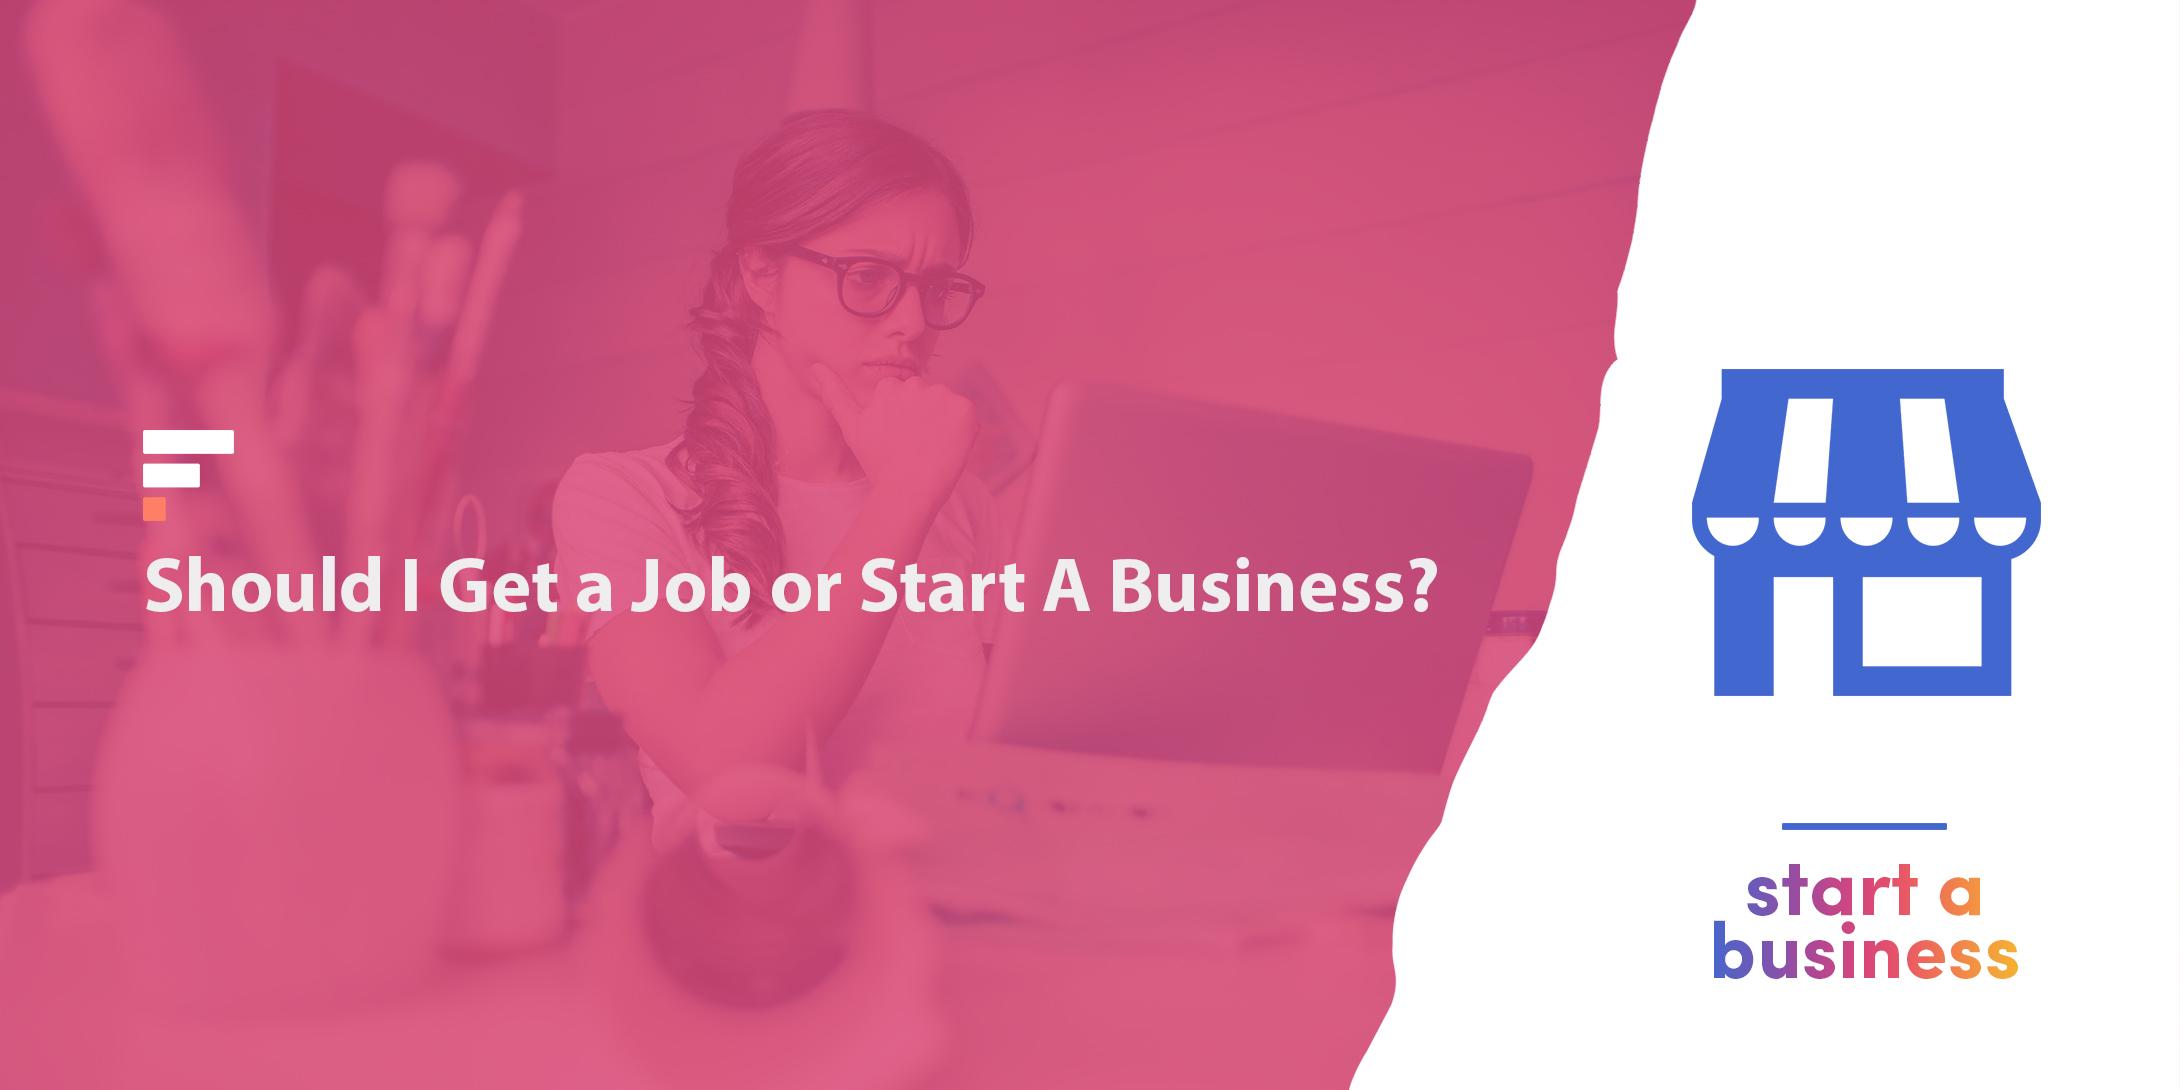 Get a job or start a business